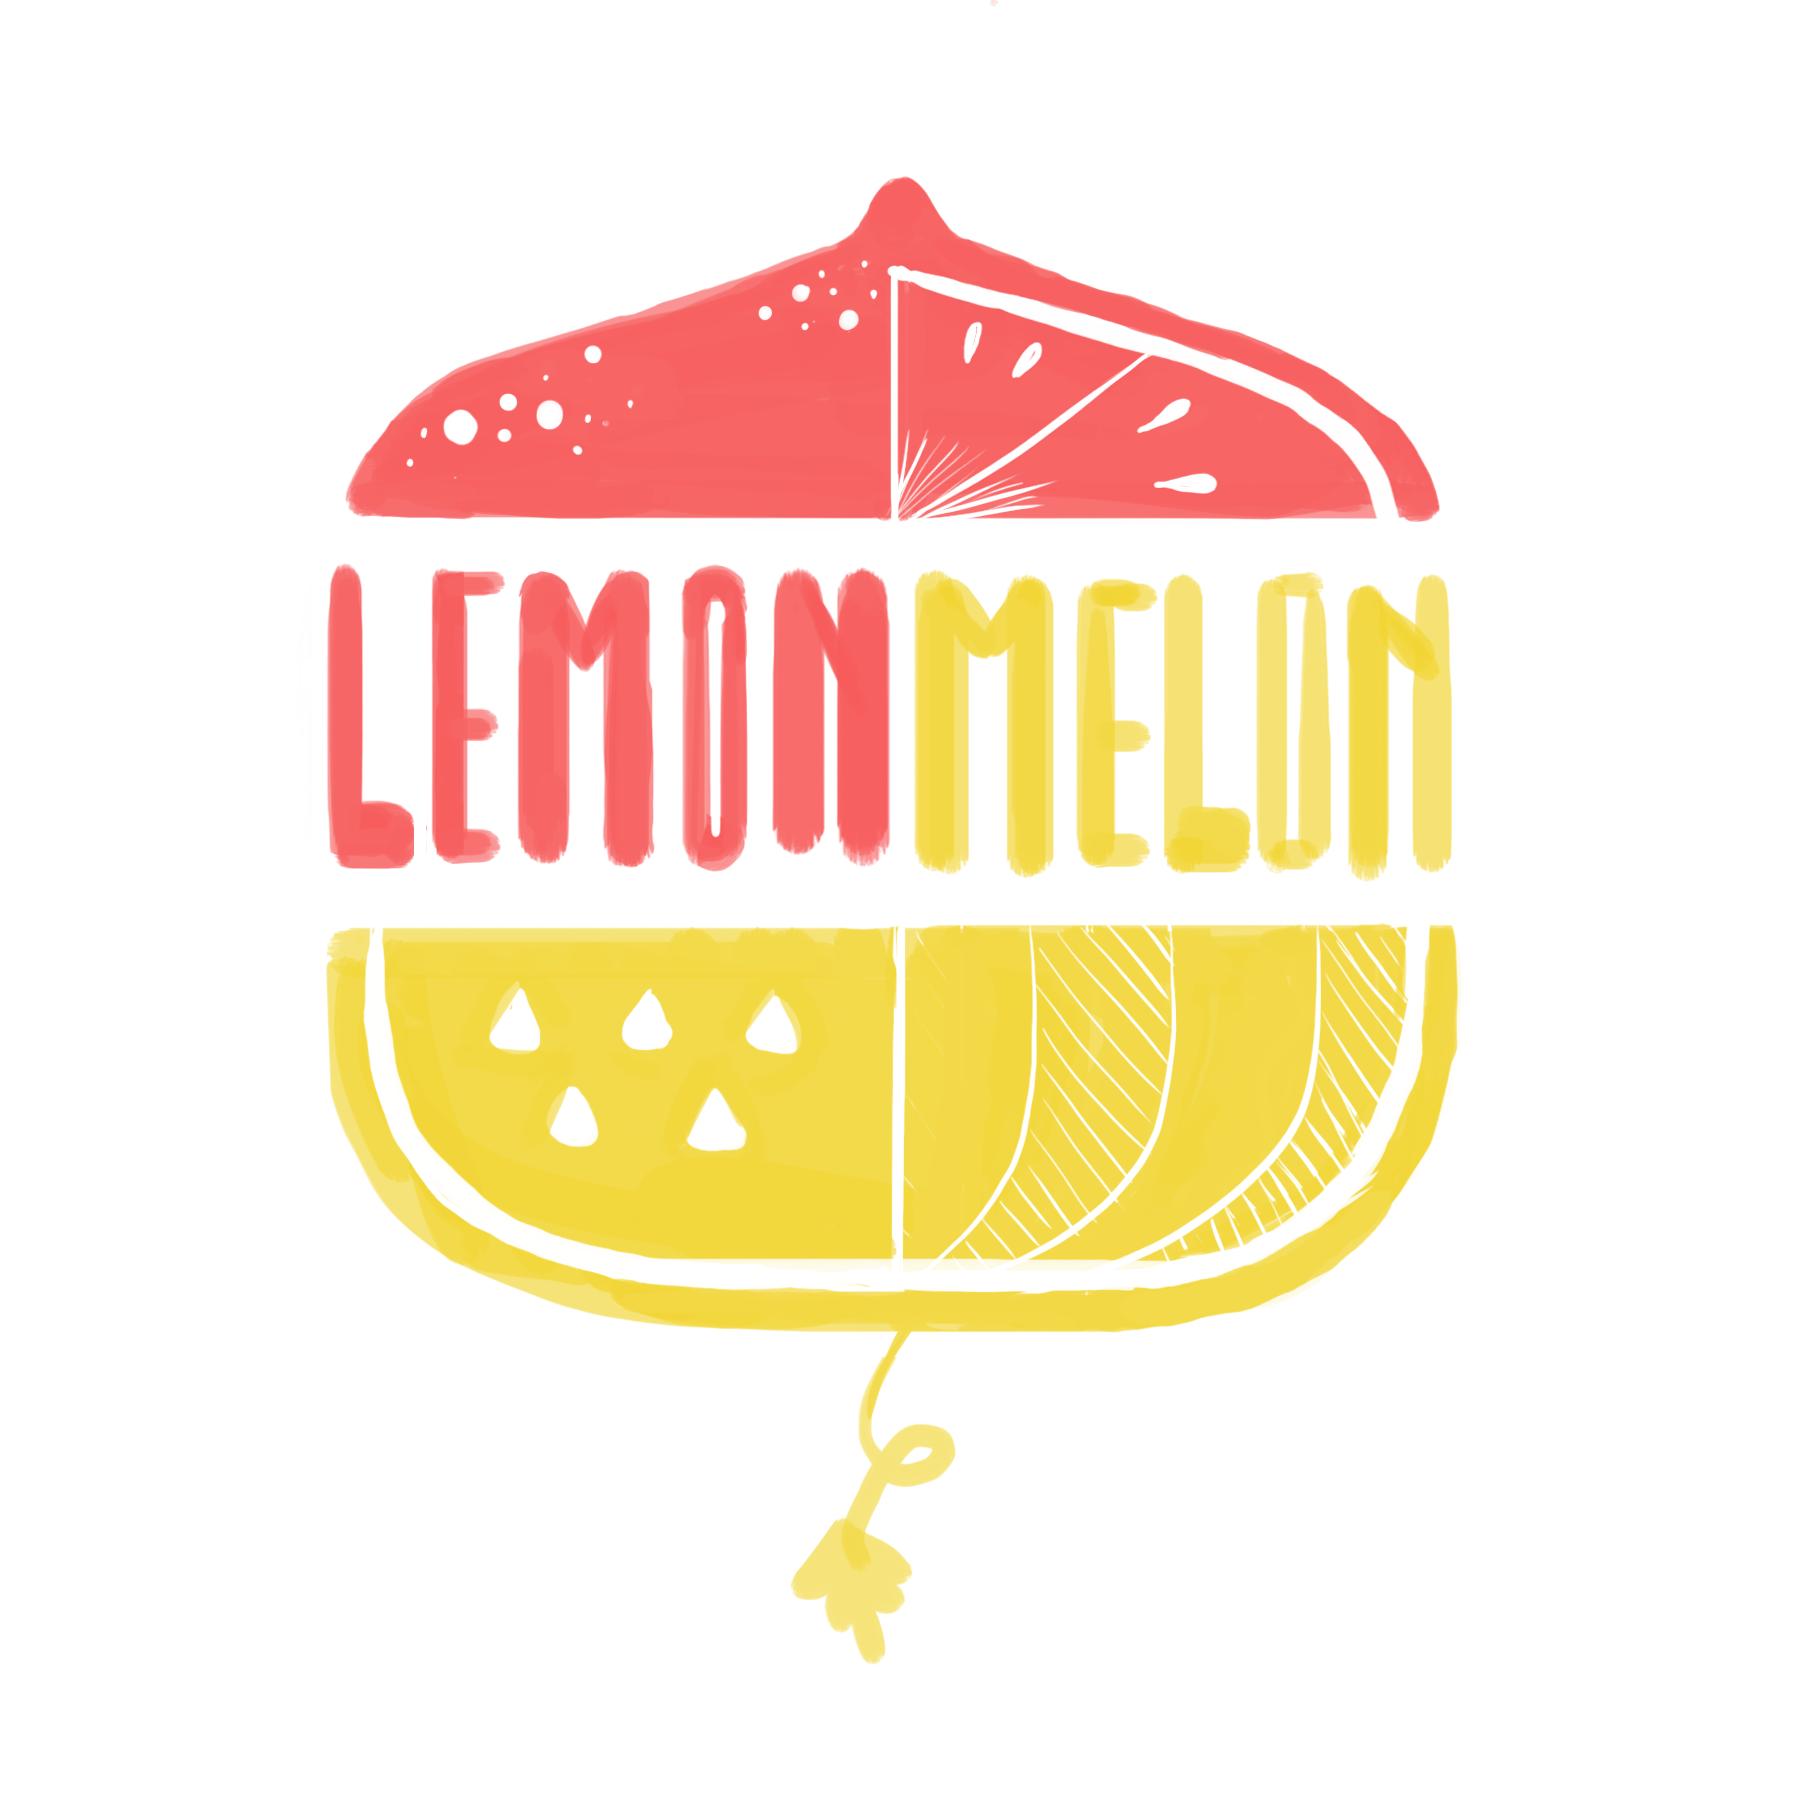 lemon melon a.png